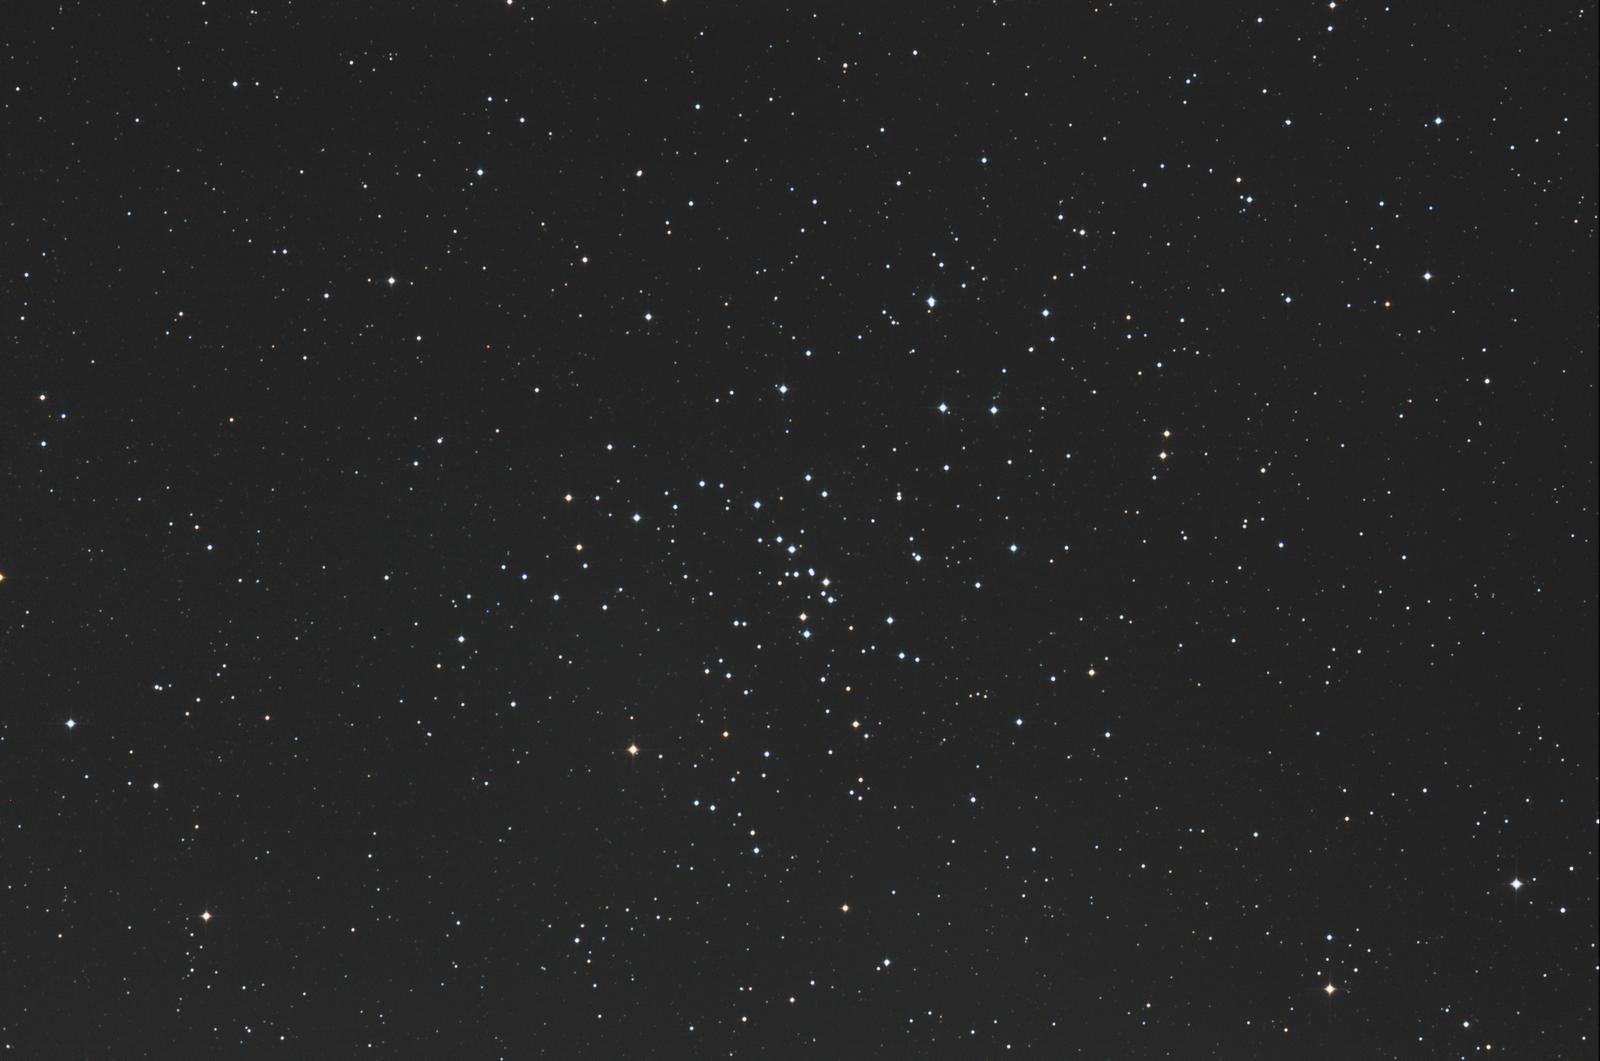 M48_02dg